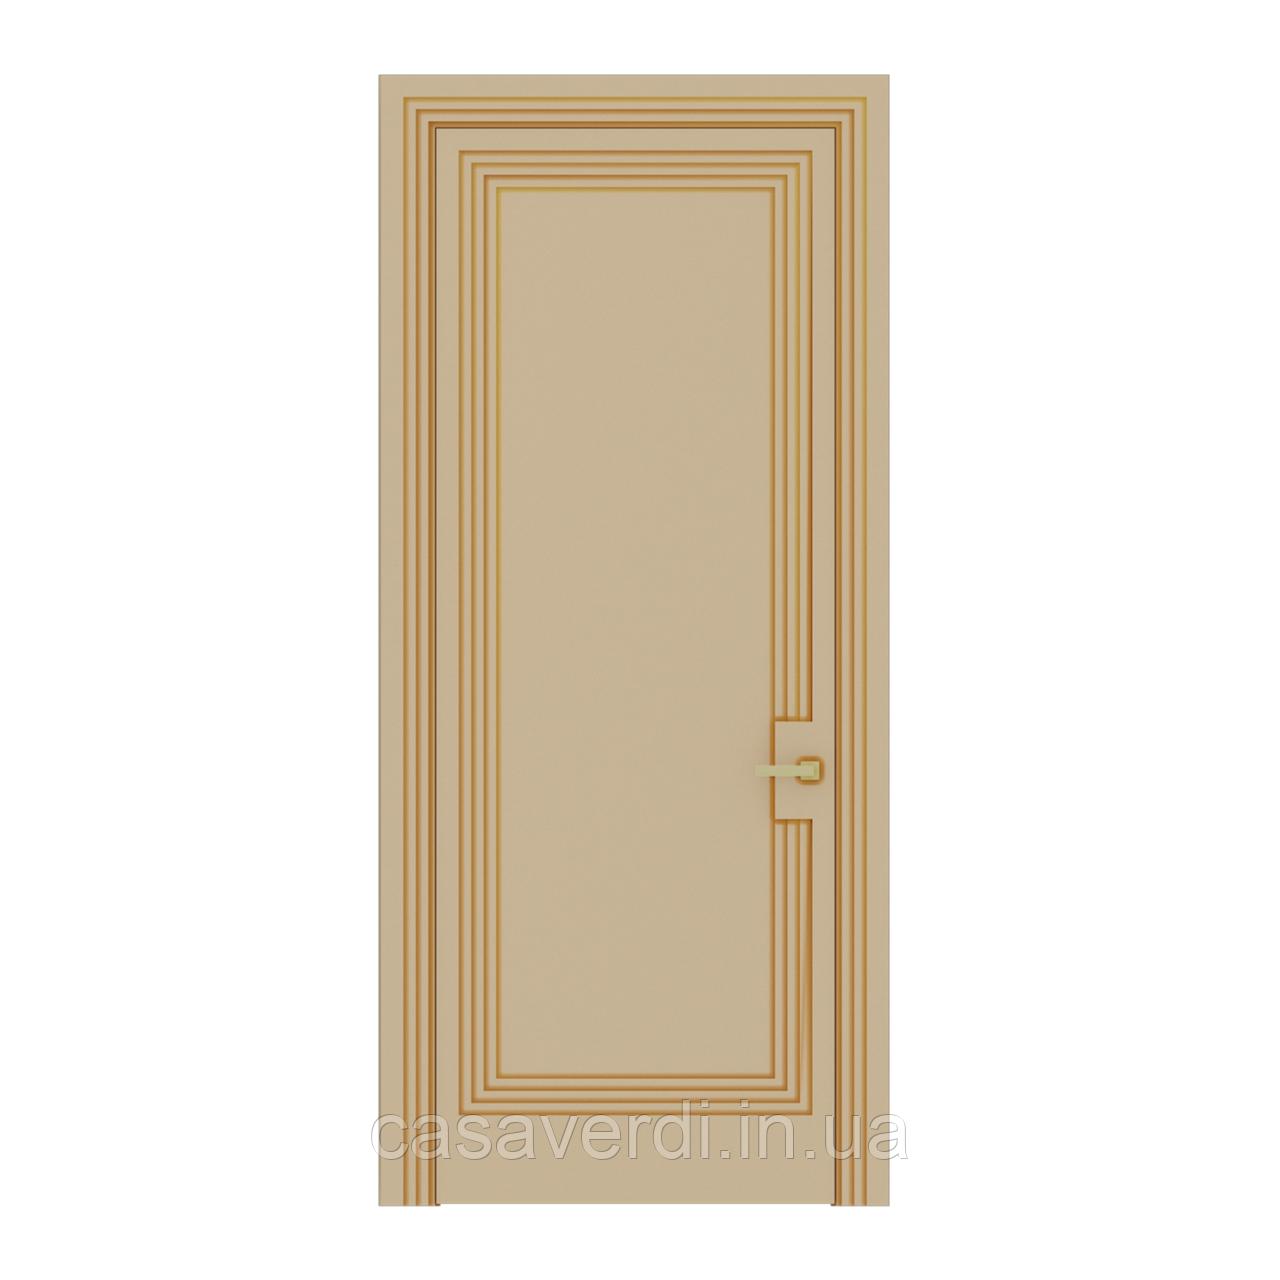 Межкомнатная дверь Casa Verdi Portale 4 МДФ песочно-желтая